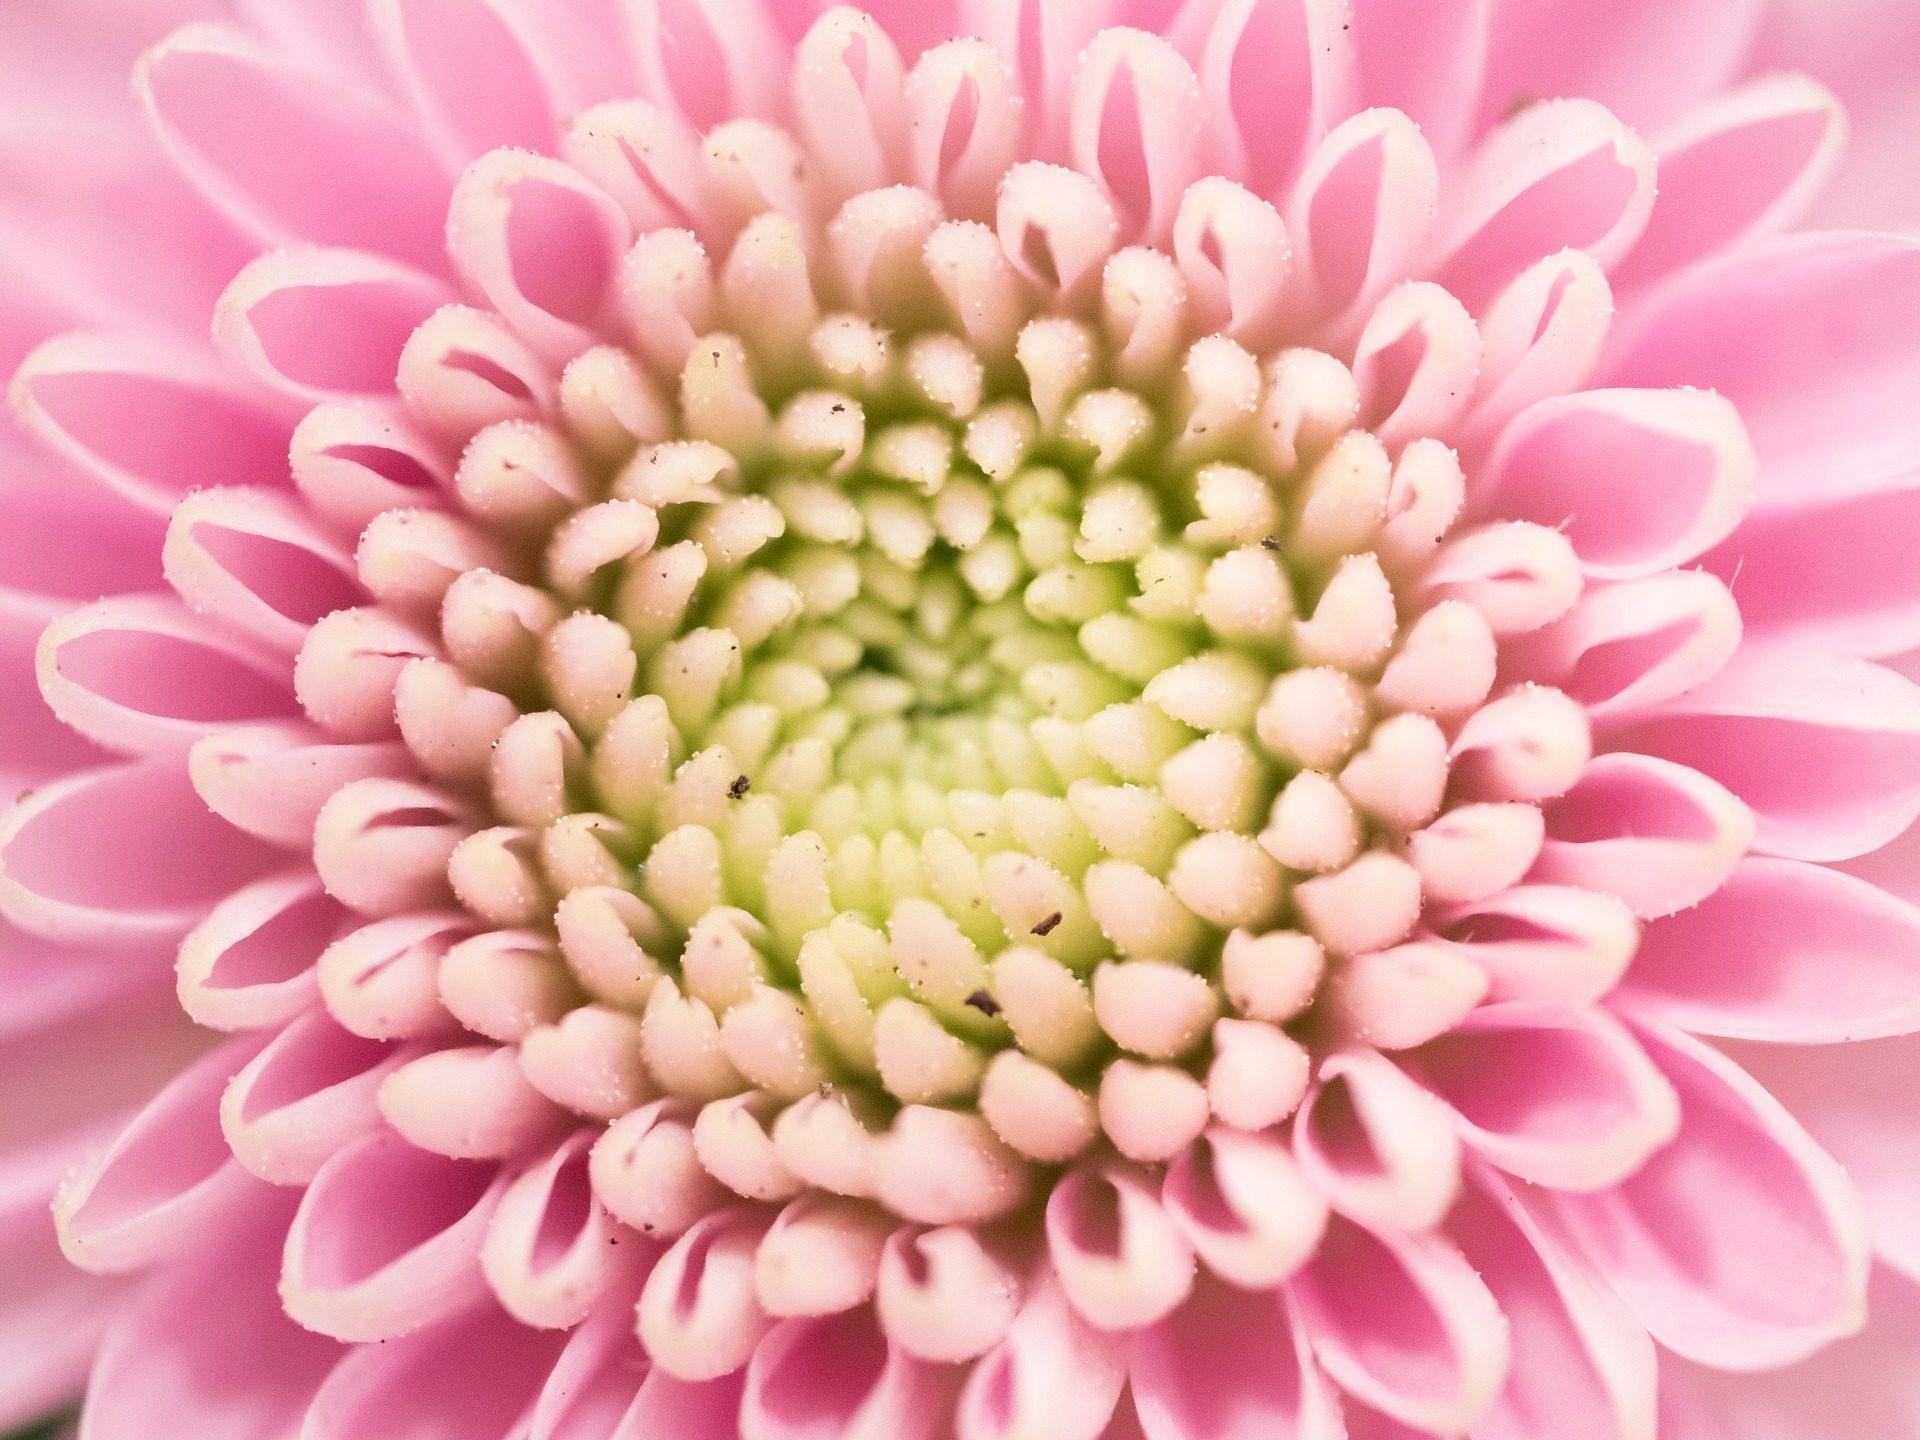 फूल, पंखुड़ियों, ज्यामिति, प्रशिक्षण, रंगीन, के बारे में - HD वॉलपेपर - प्रोफेसर-falken.com